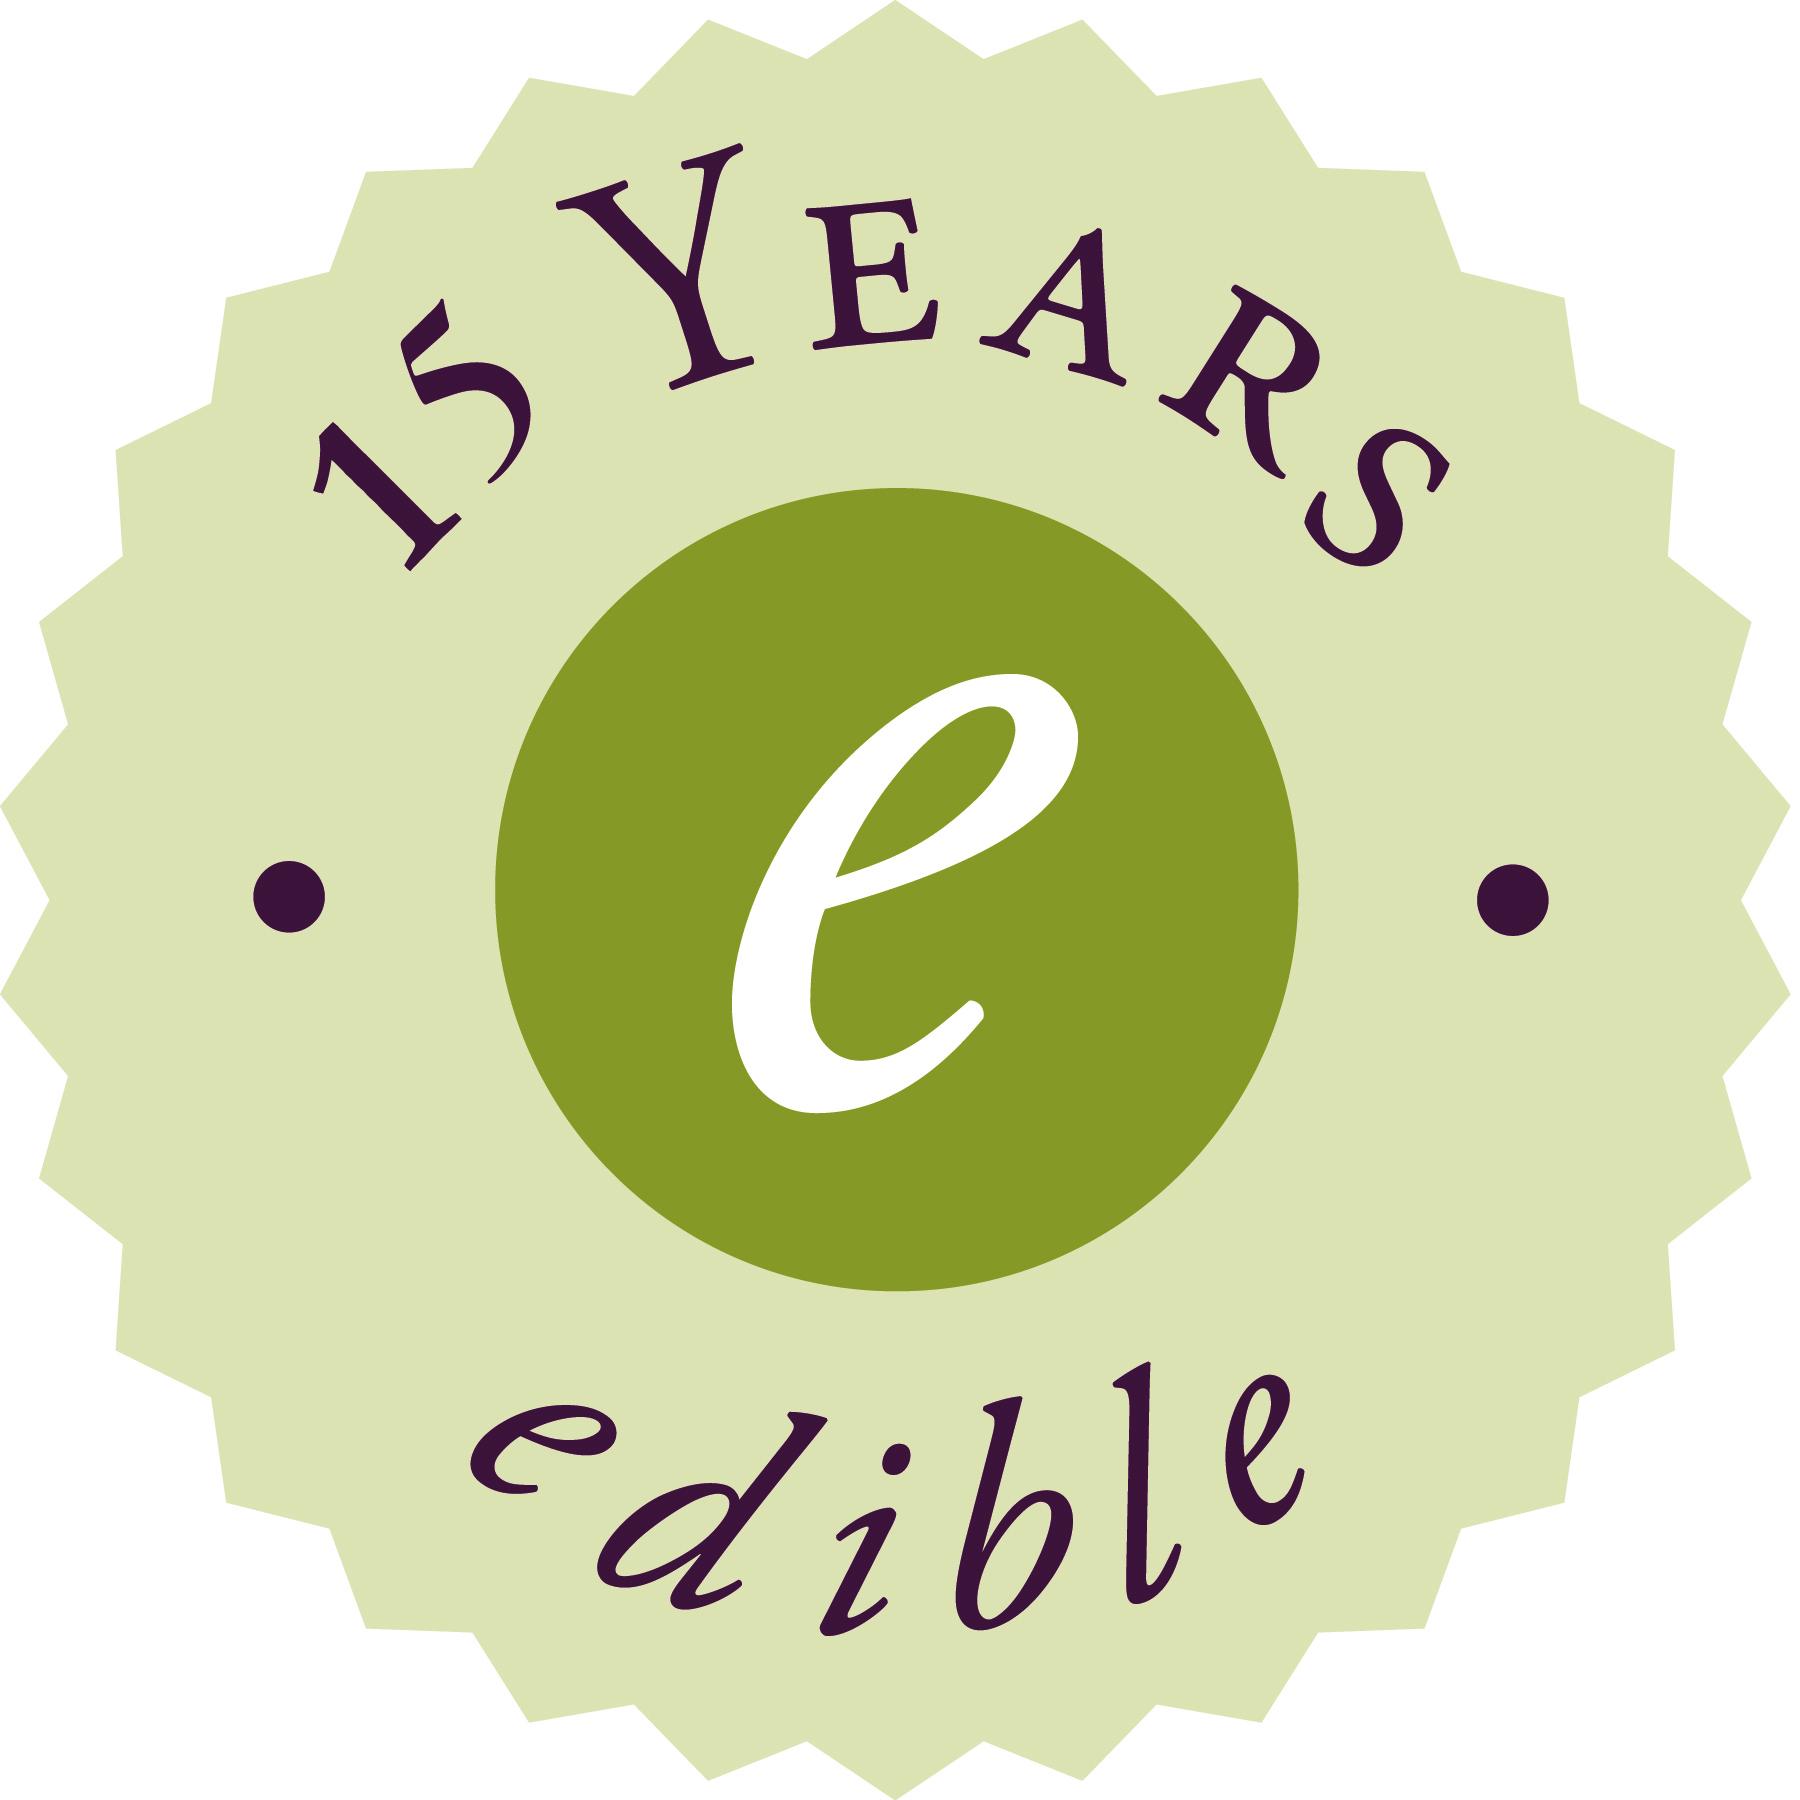 Edible 15!